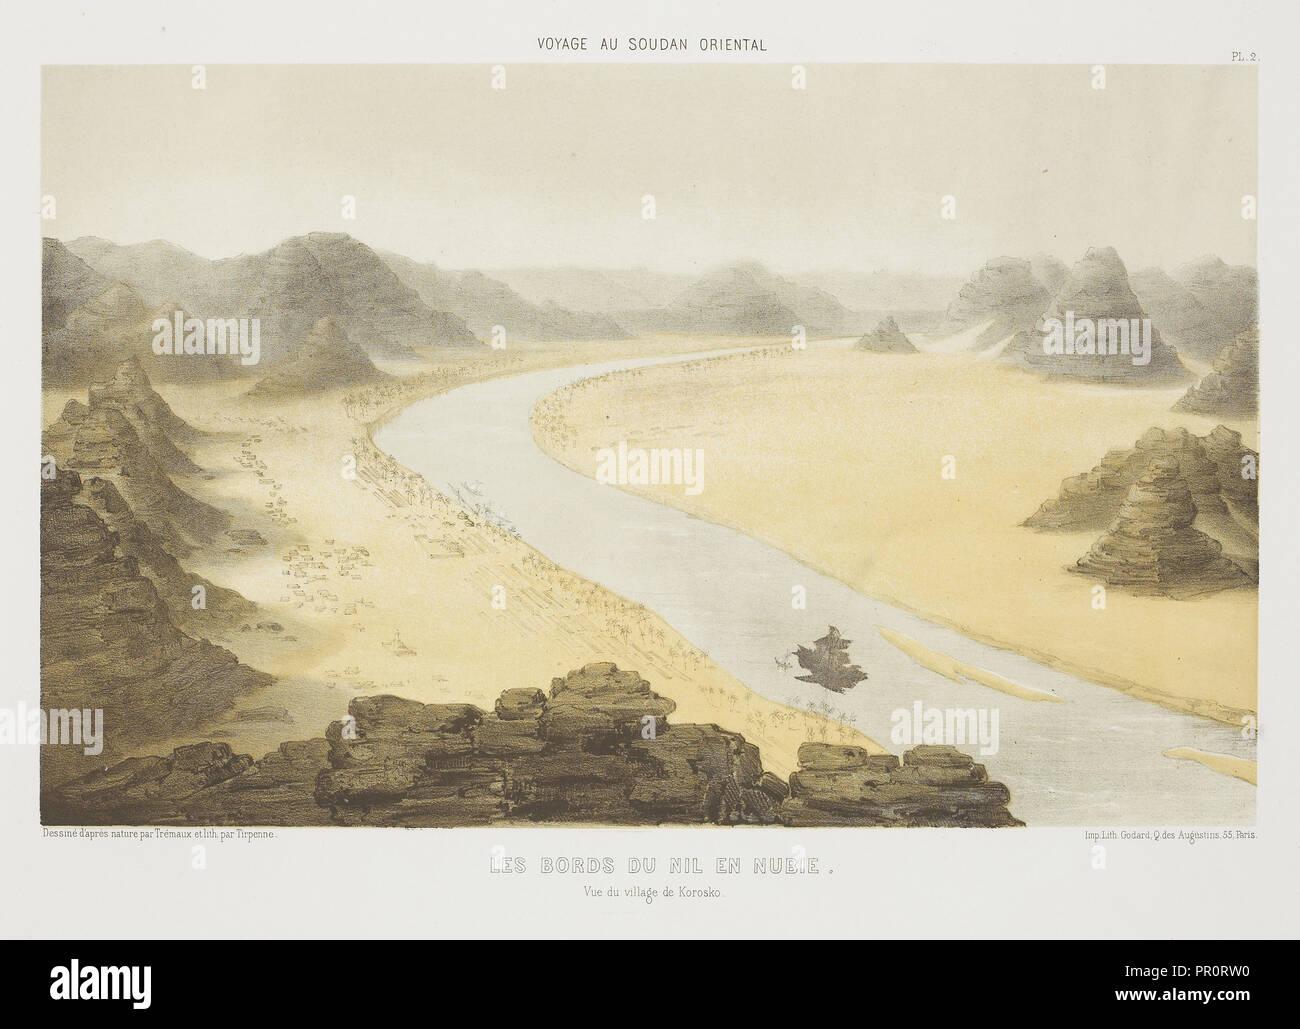 Les Bords du Nil en Nubie, Voyages au Soudan oriental et dans l'Afrique septentrionale, exécutés de 1847 à 1854: comprenant une - Stock Image